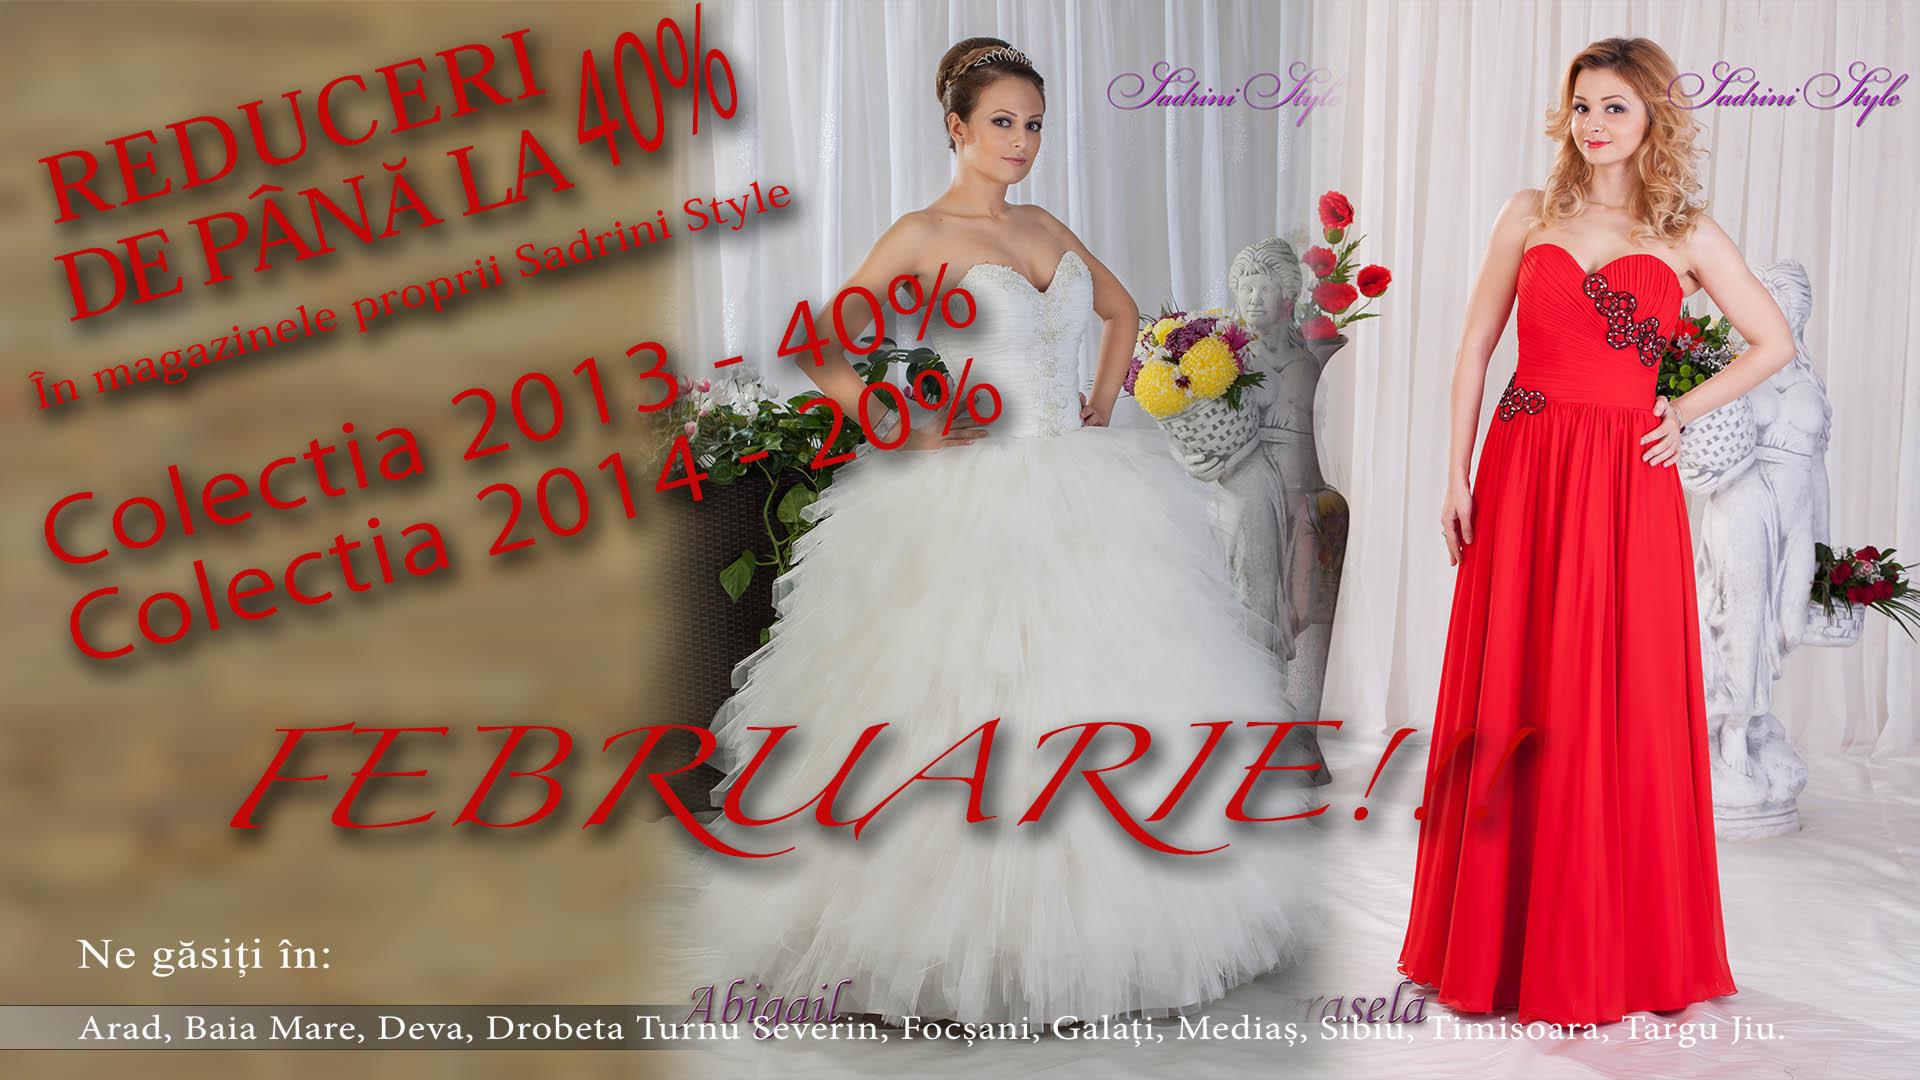 Reducere rochii de mireasa si ocazie luna februarie